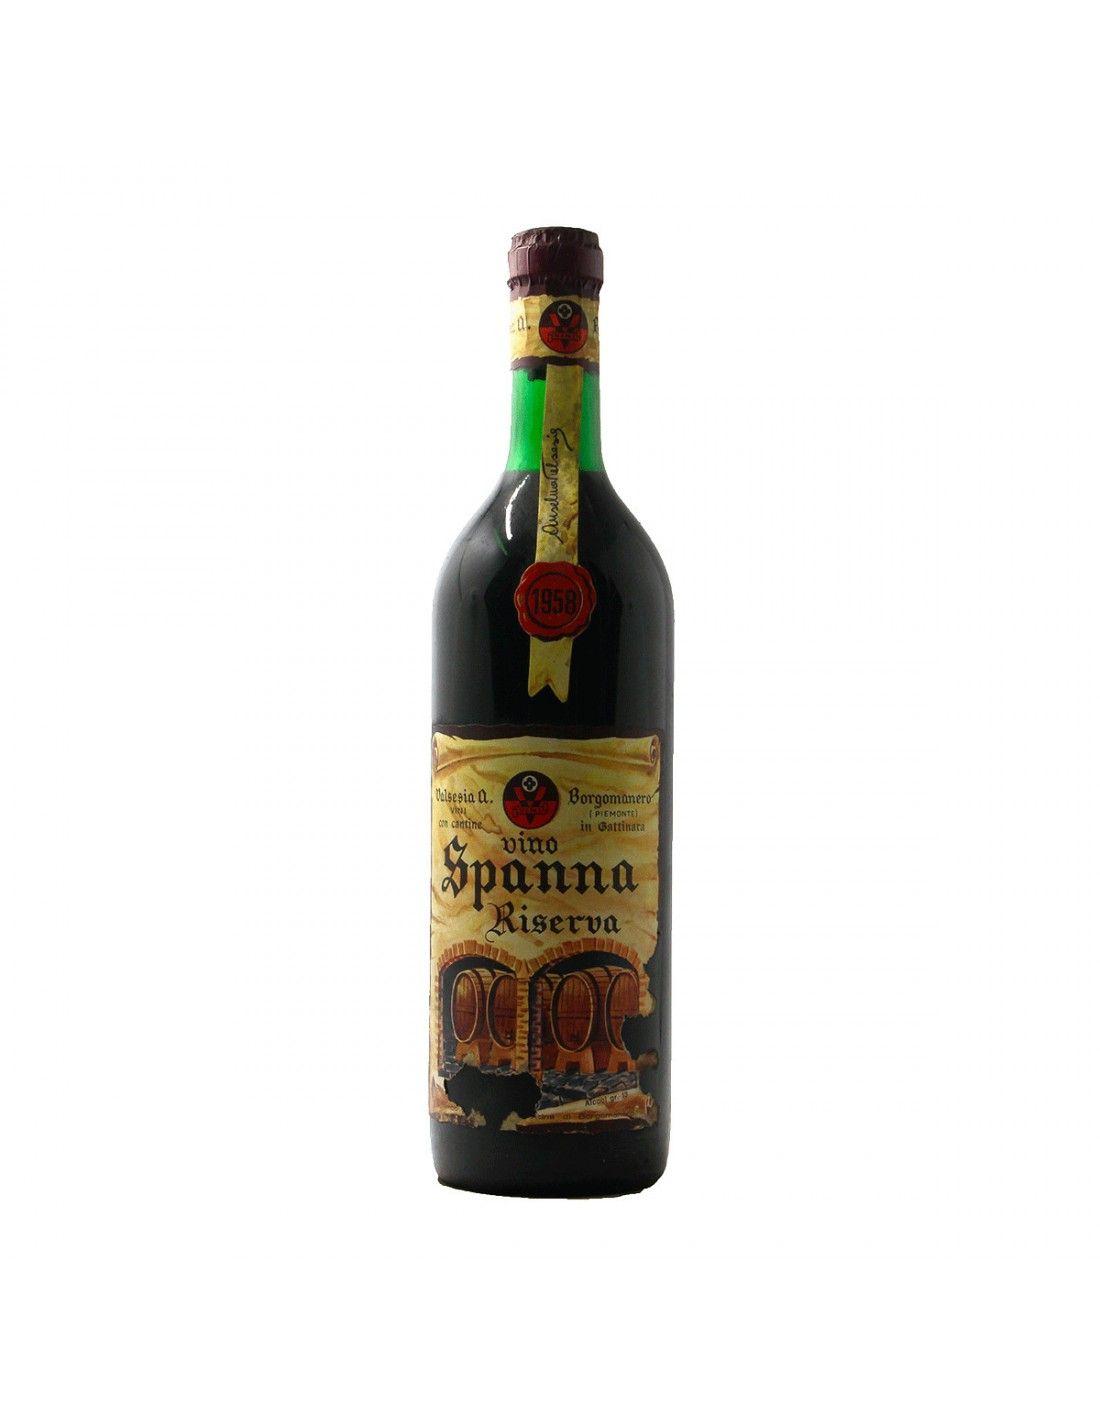 SPANNA RISERVA 1958 VALSESIA Grandi Bottiglie